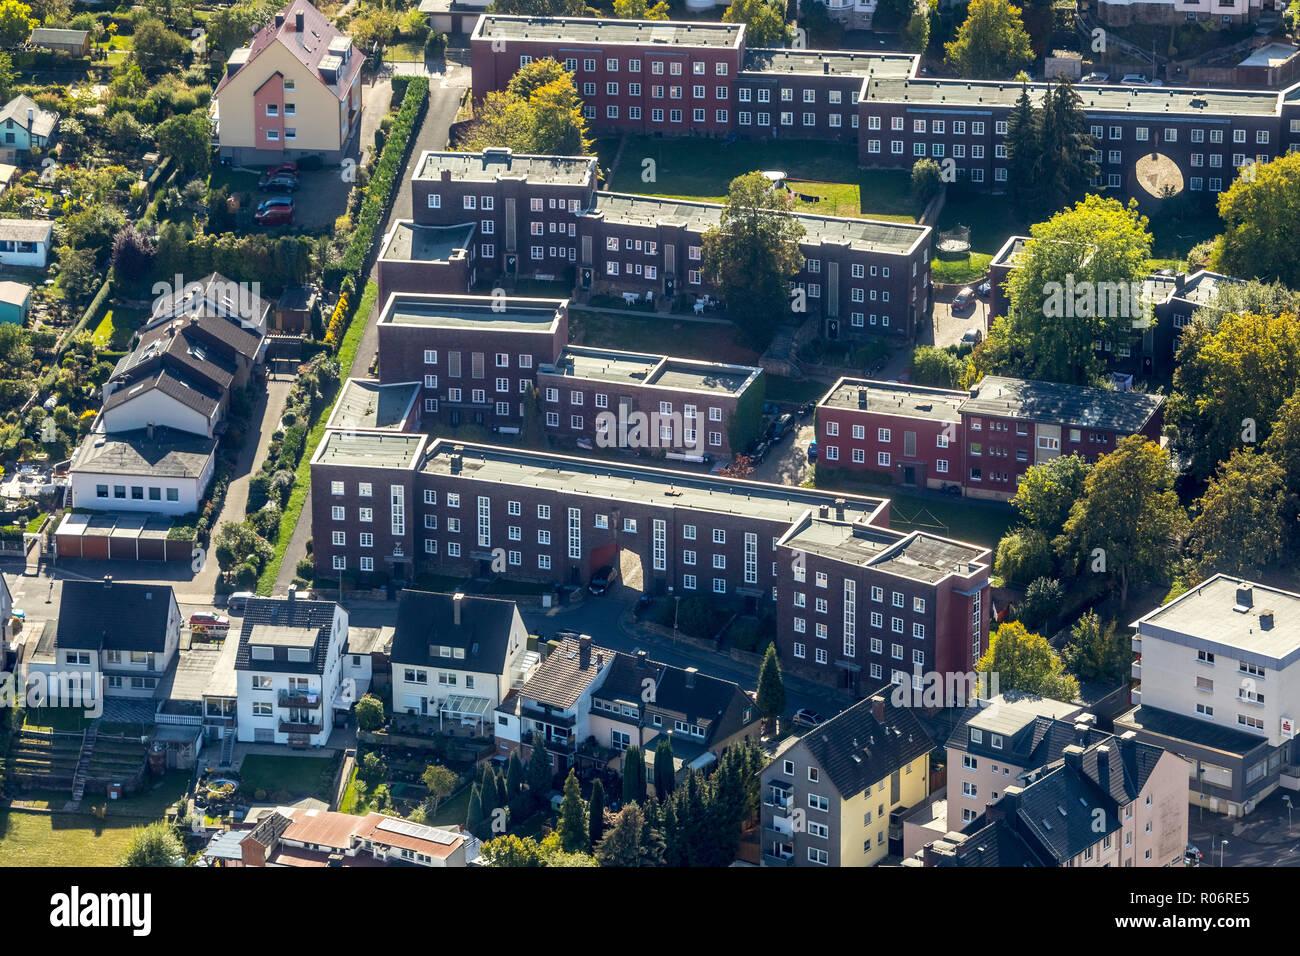 Luftaufnahme, Cunosiedlung zwischen Leopoldstraße und Albrechtstraße, Hagen, Ruhrgebiet, Nordrhein-Westfalen, Deutschland, Europa, DEU, Vögel-Augen-blick, ein Stockbild